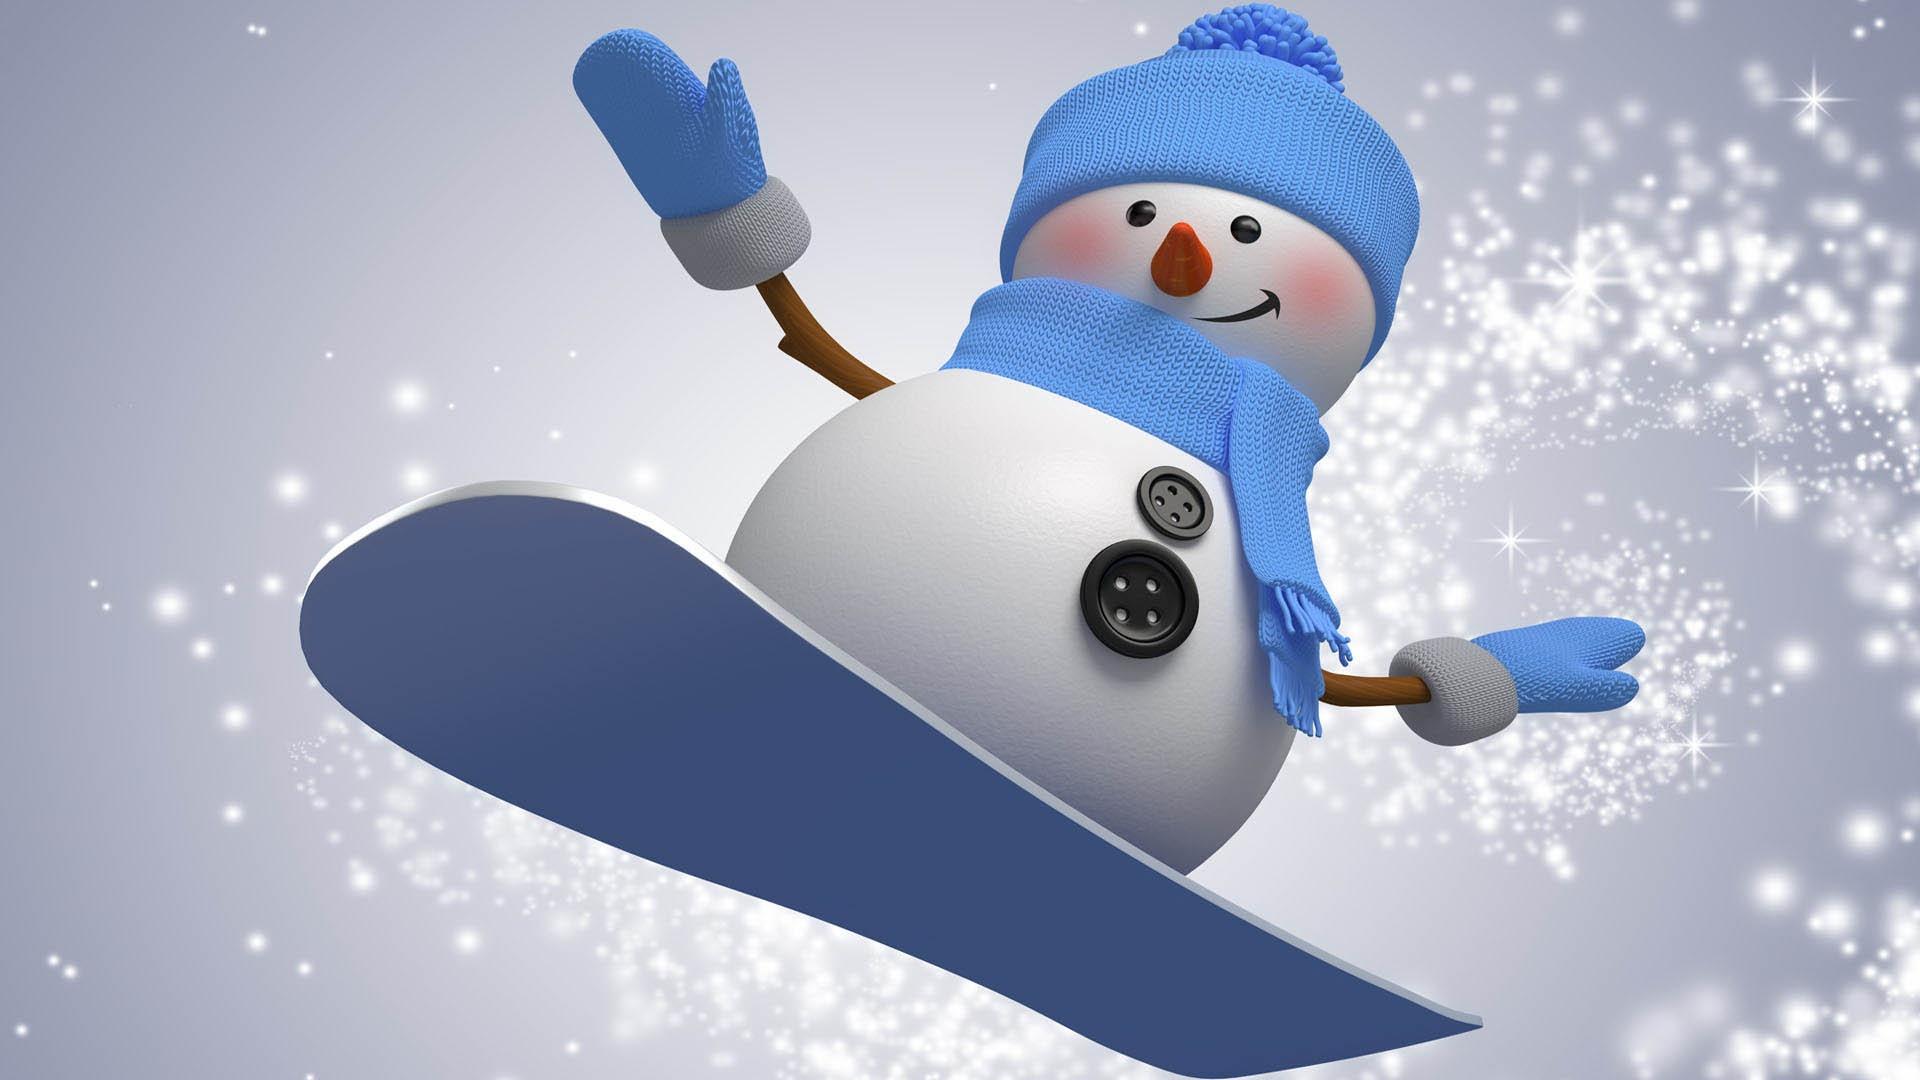 Красивый снеговик - картинки и рисунки. Подборка картинок снеговиков 4